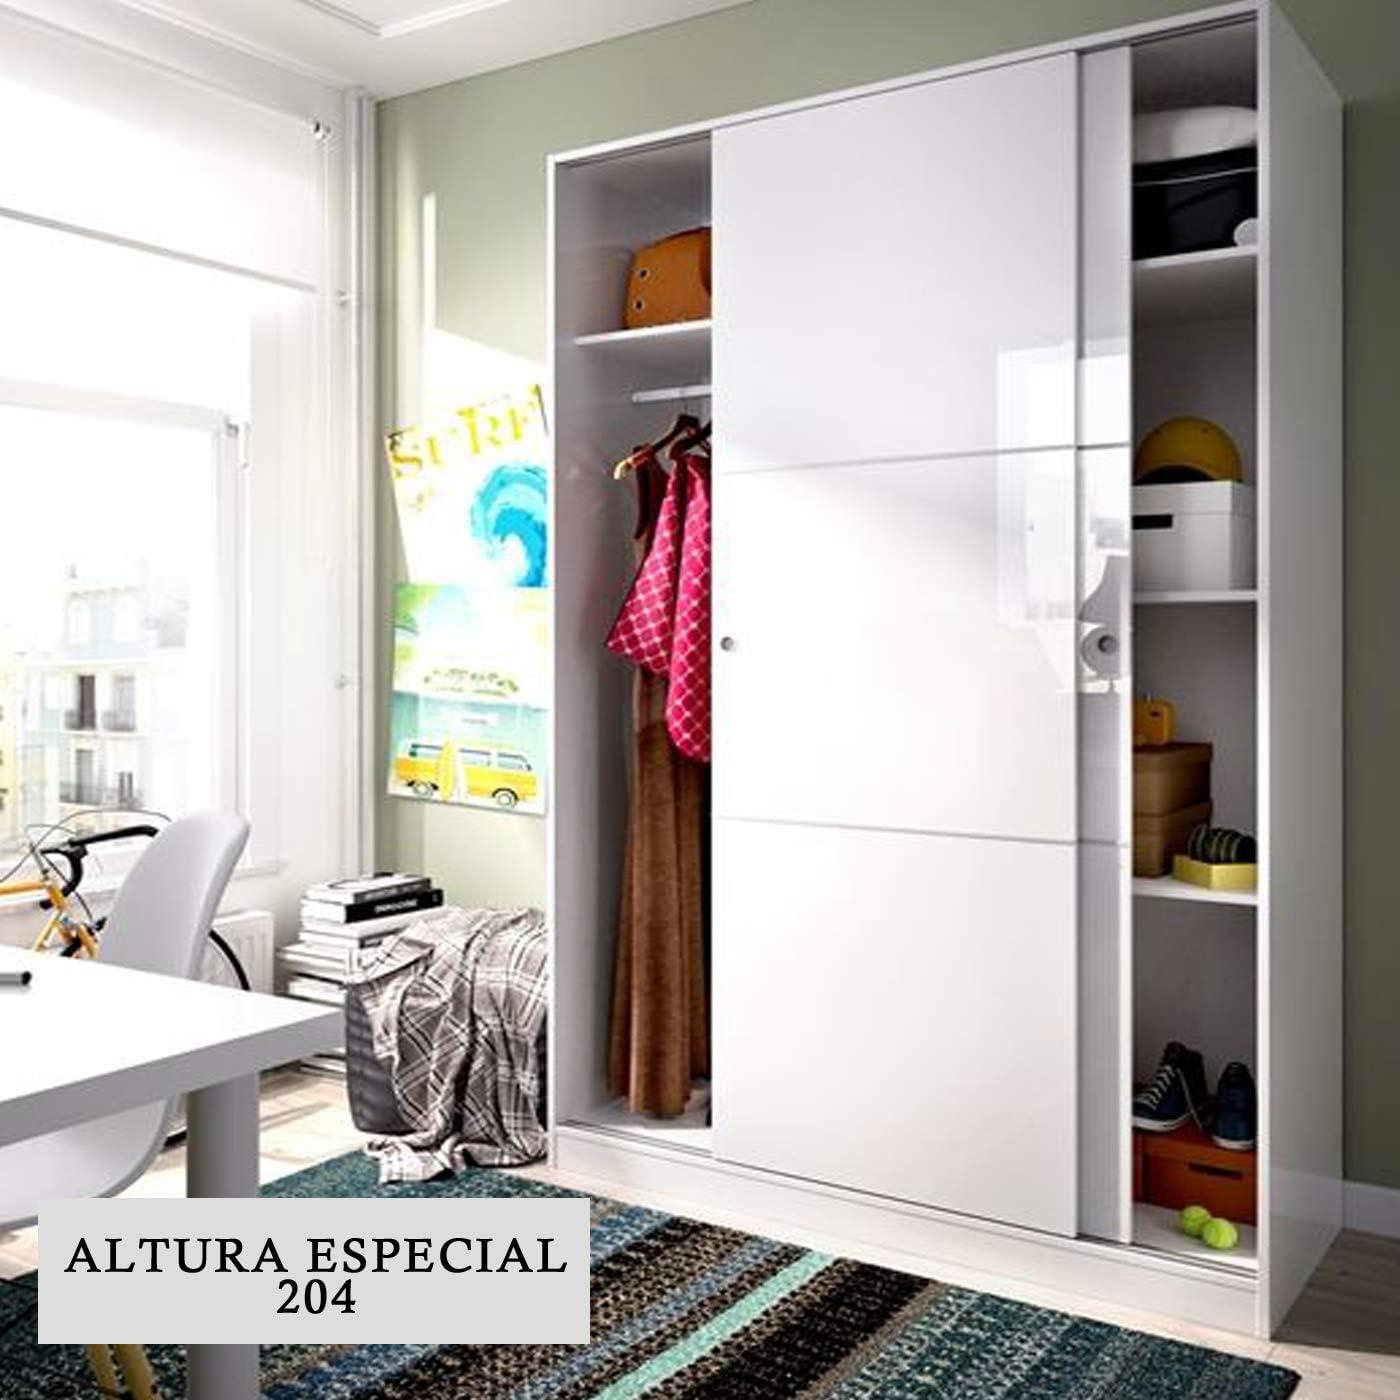 HABITMOBEL Armario Puertas correderas Altura Especial Barra para Colgar Color Blanco 204X120cm: Amazon.es: Hogar